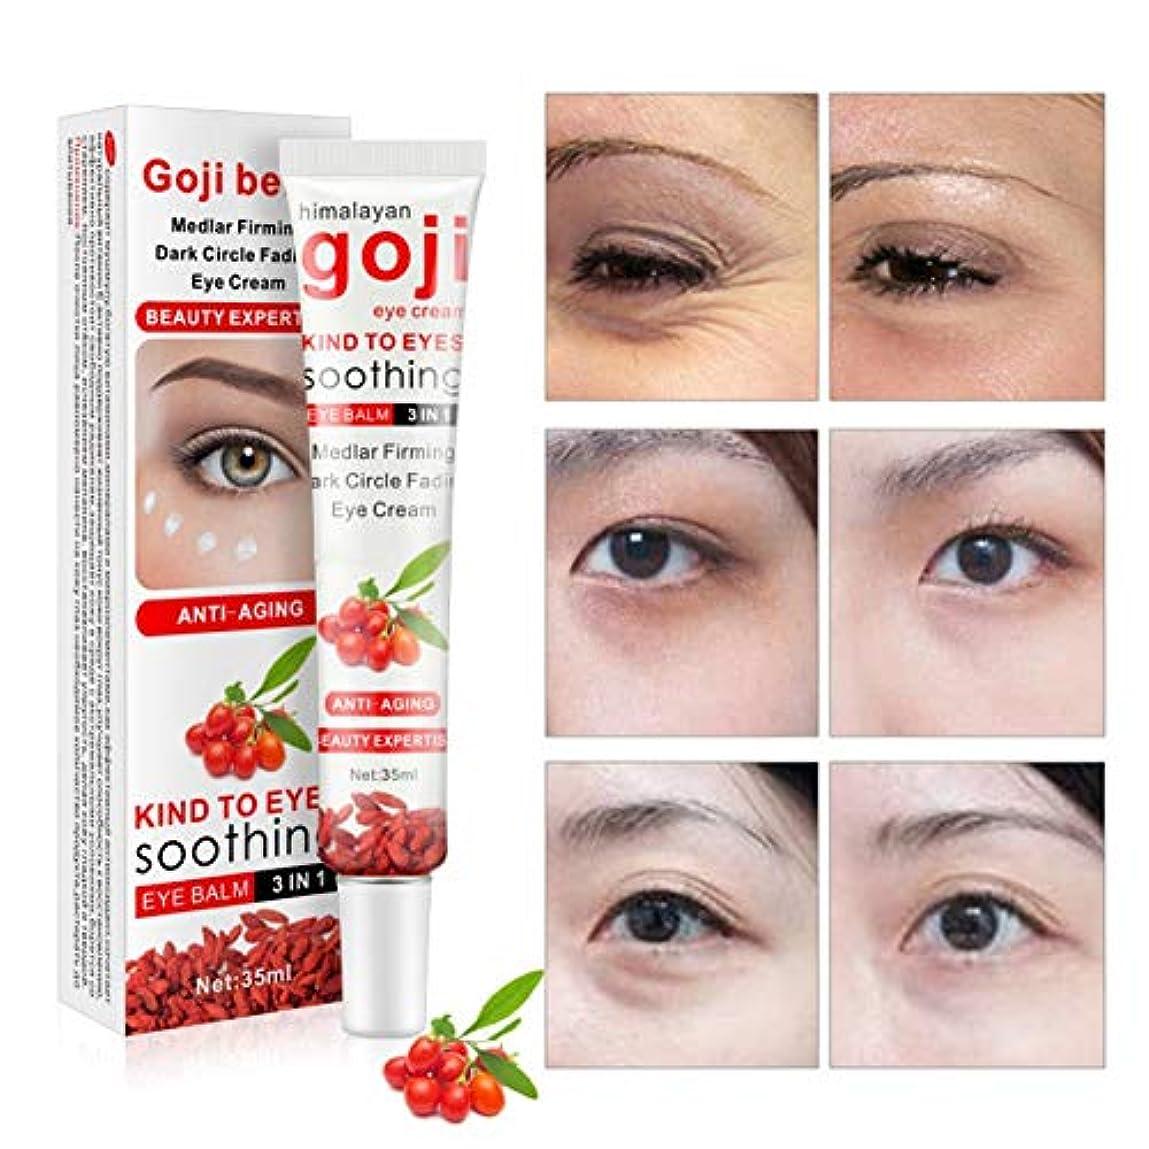 派生するテープ調子しわ防止アイクリーム、中国のクコの目の皮の更新のクリームの保湿の引き締めの希薄ダークサークルの目袋の希釈クリーム